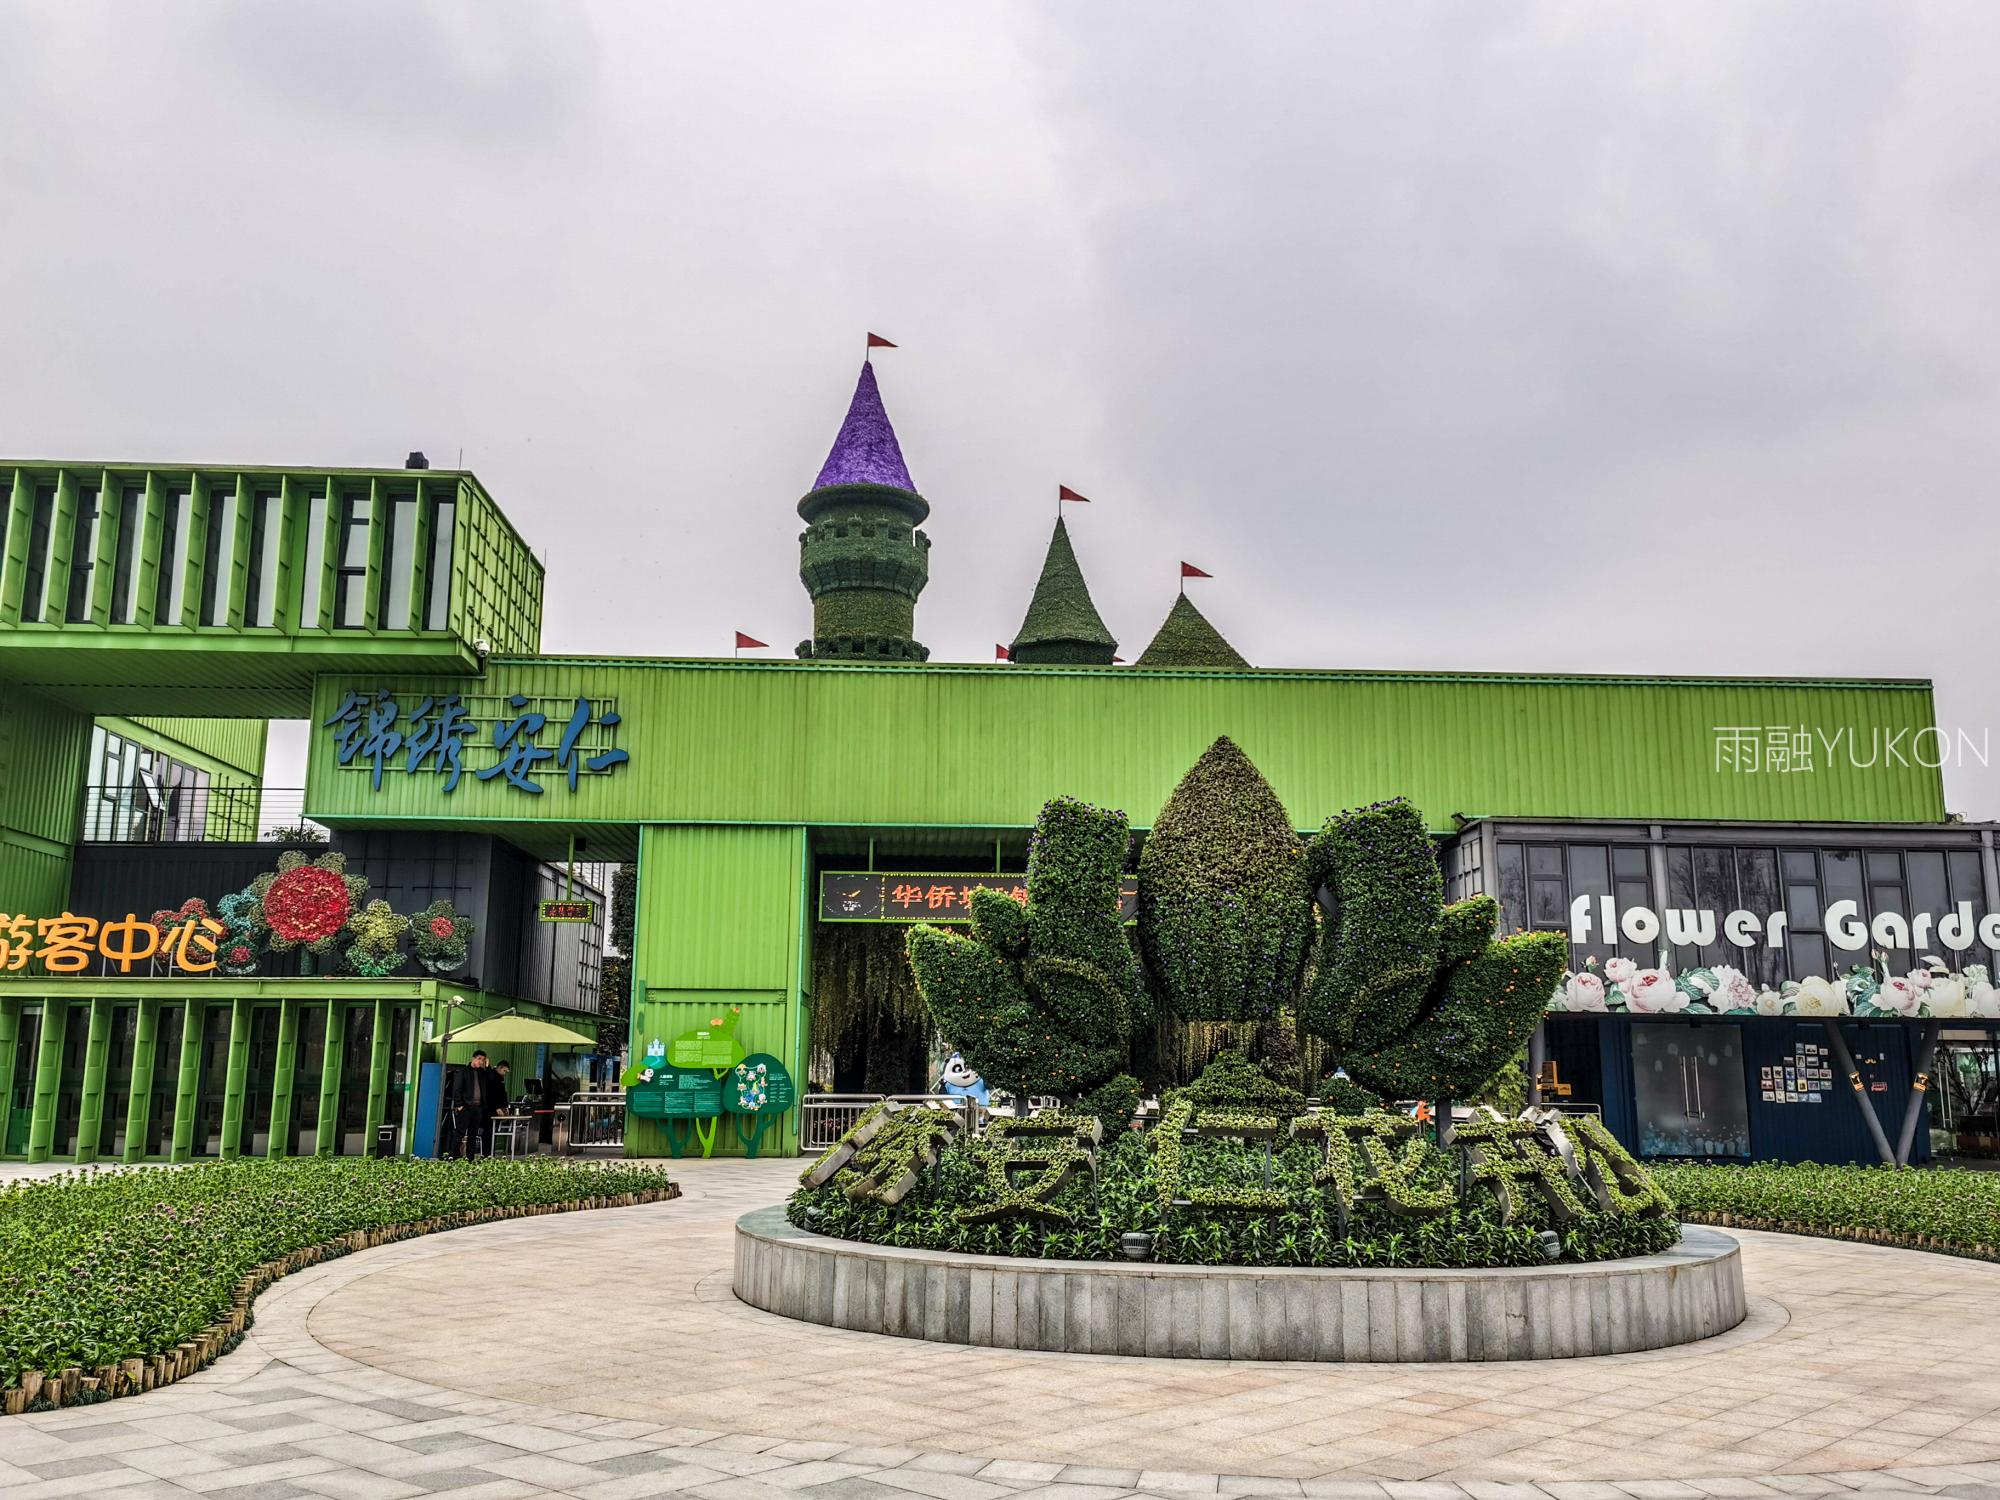 花雕大型花卉雕刻展示开始了世界纪录的公园:拥有2.2万平米花海